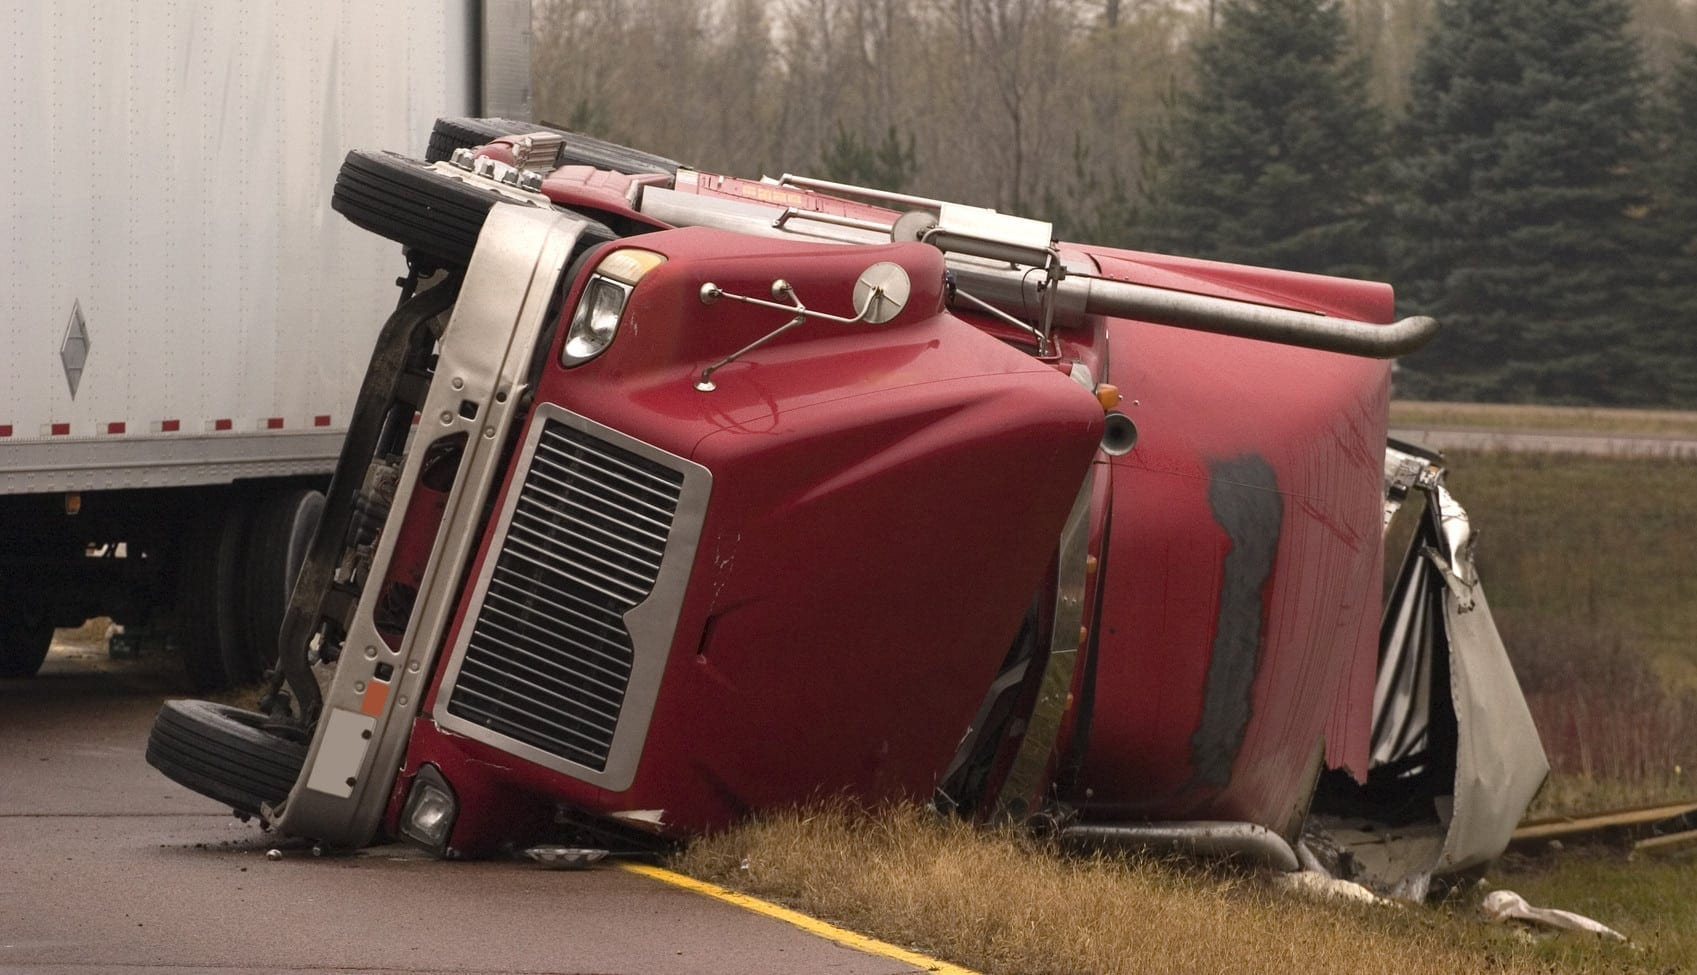 Truck Accident Lawyer | Peter N. Davis & Associates